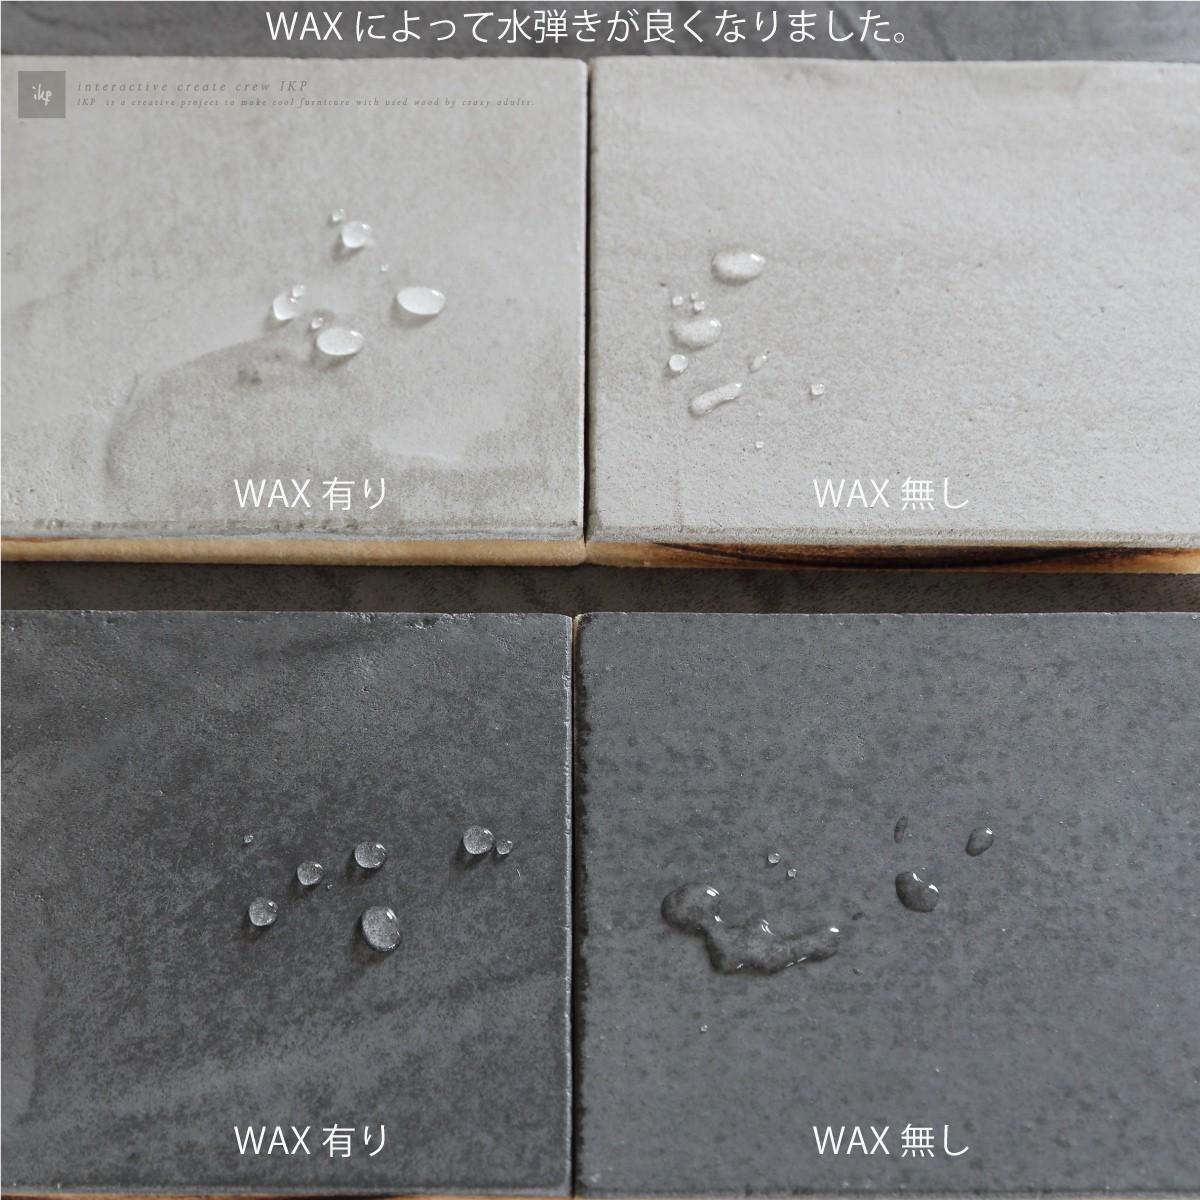 水弾き耐水性防汚性が増したテーブル